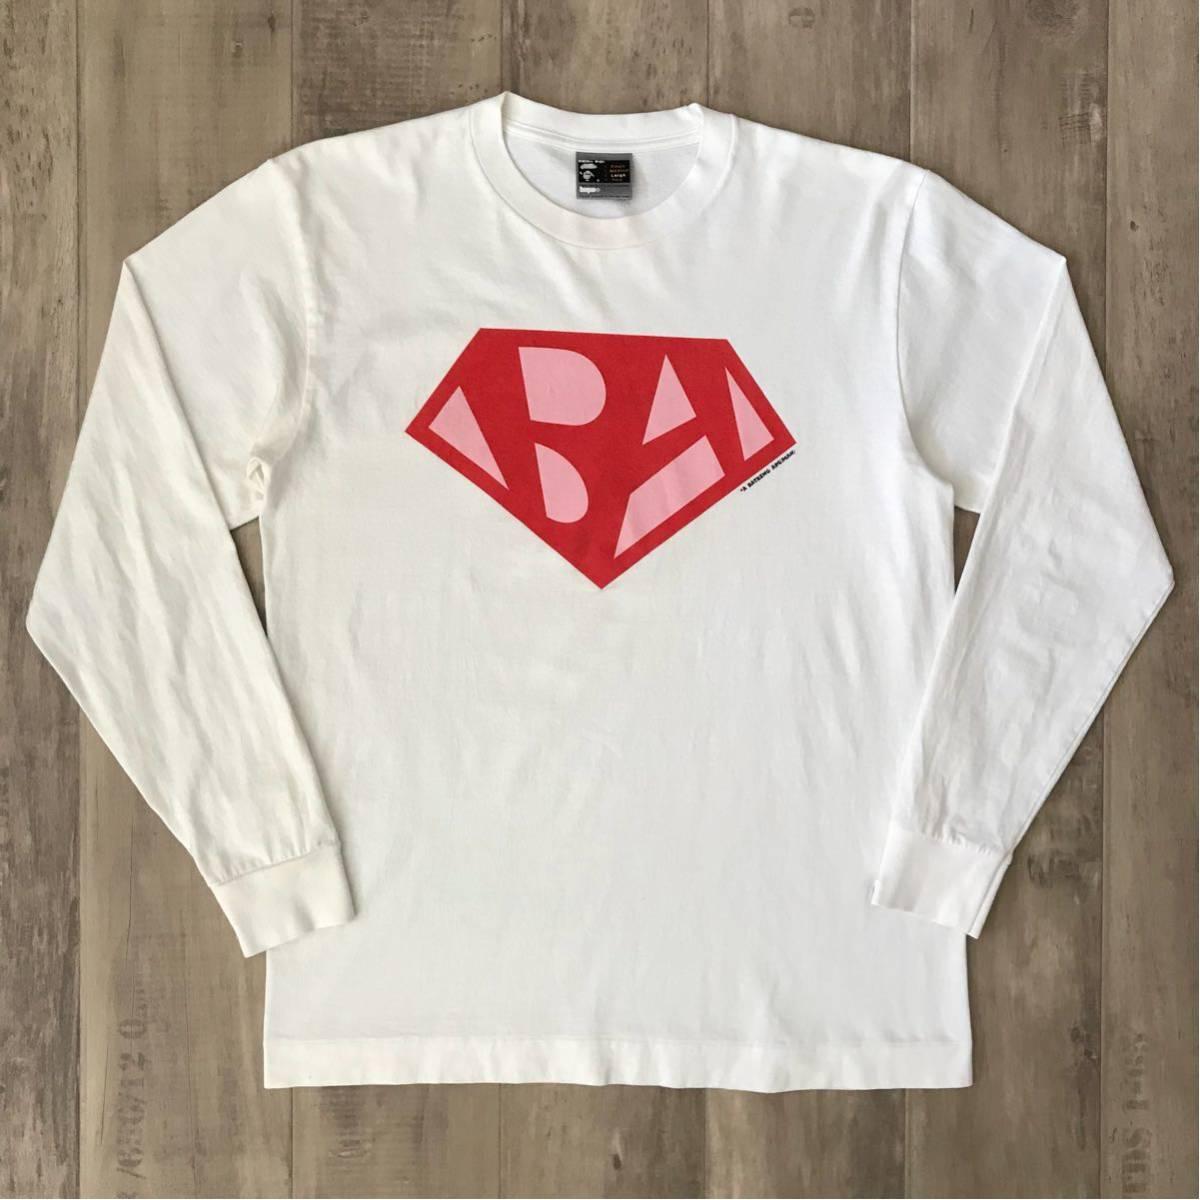 ★レア★ 初期 スーパーマン ロゴ ロンT Lサイズ a bathing ape bape ビンテージ 90s 裏原宿 エイプ ベイプ アベイシングエイプ nigo